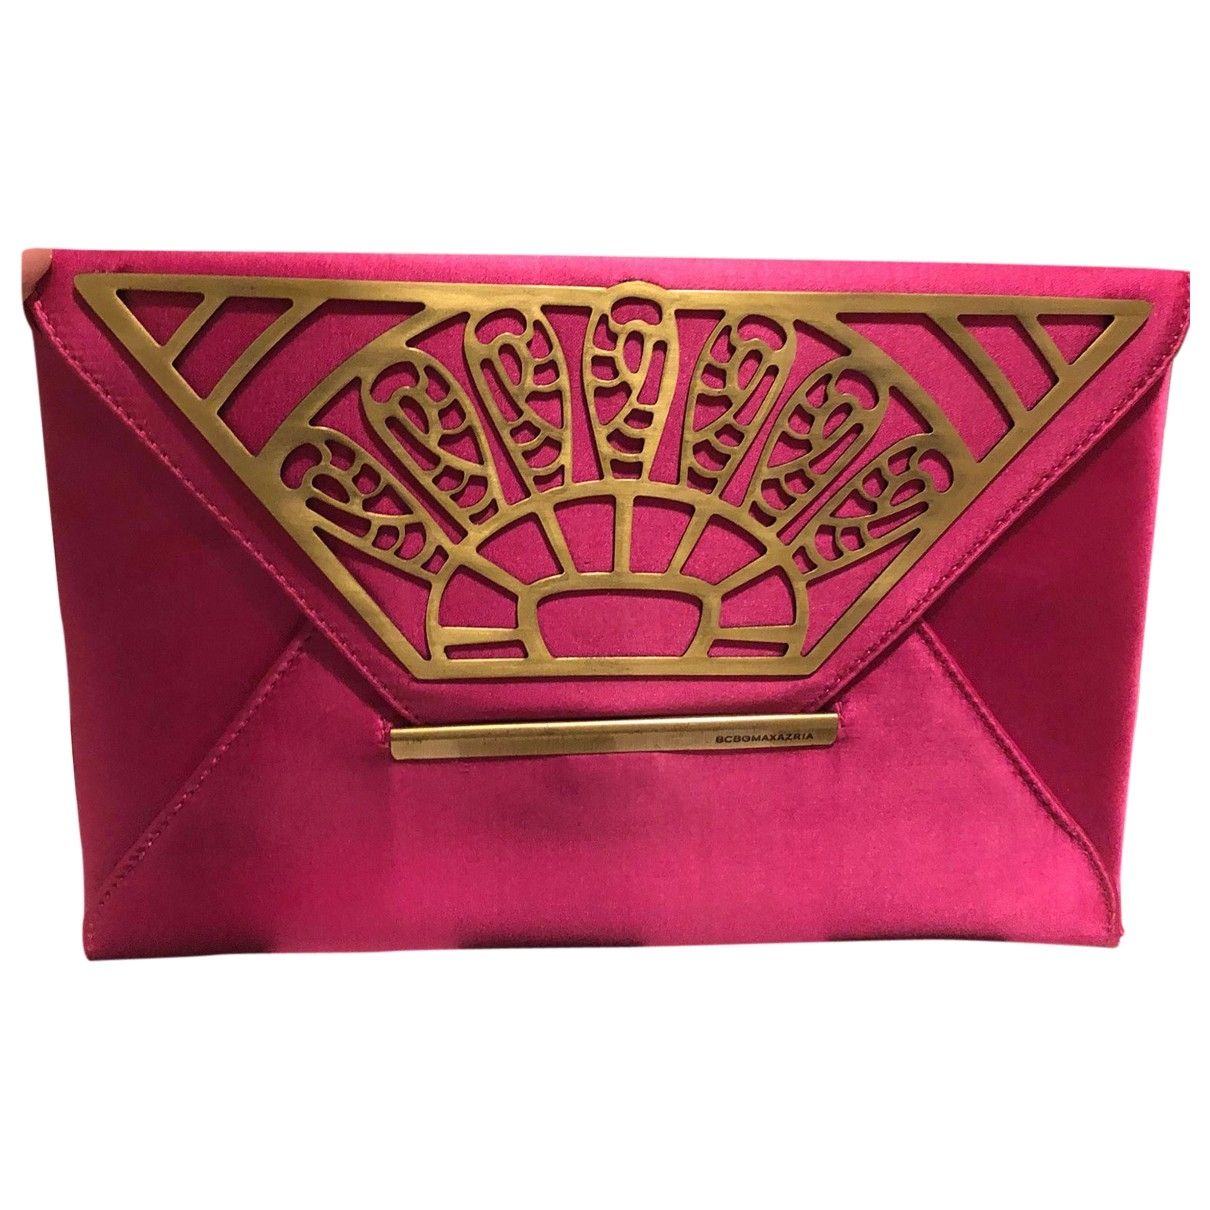 Bcbg Max Azria - Pochette   pour femme en soie - violet